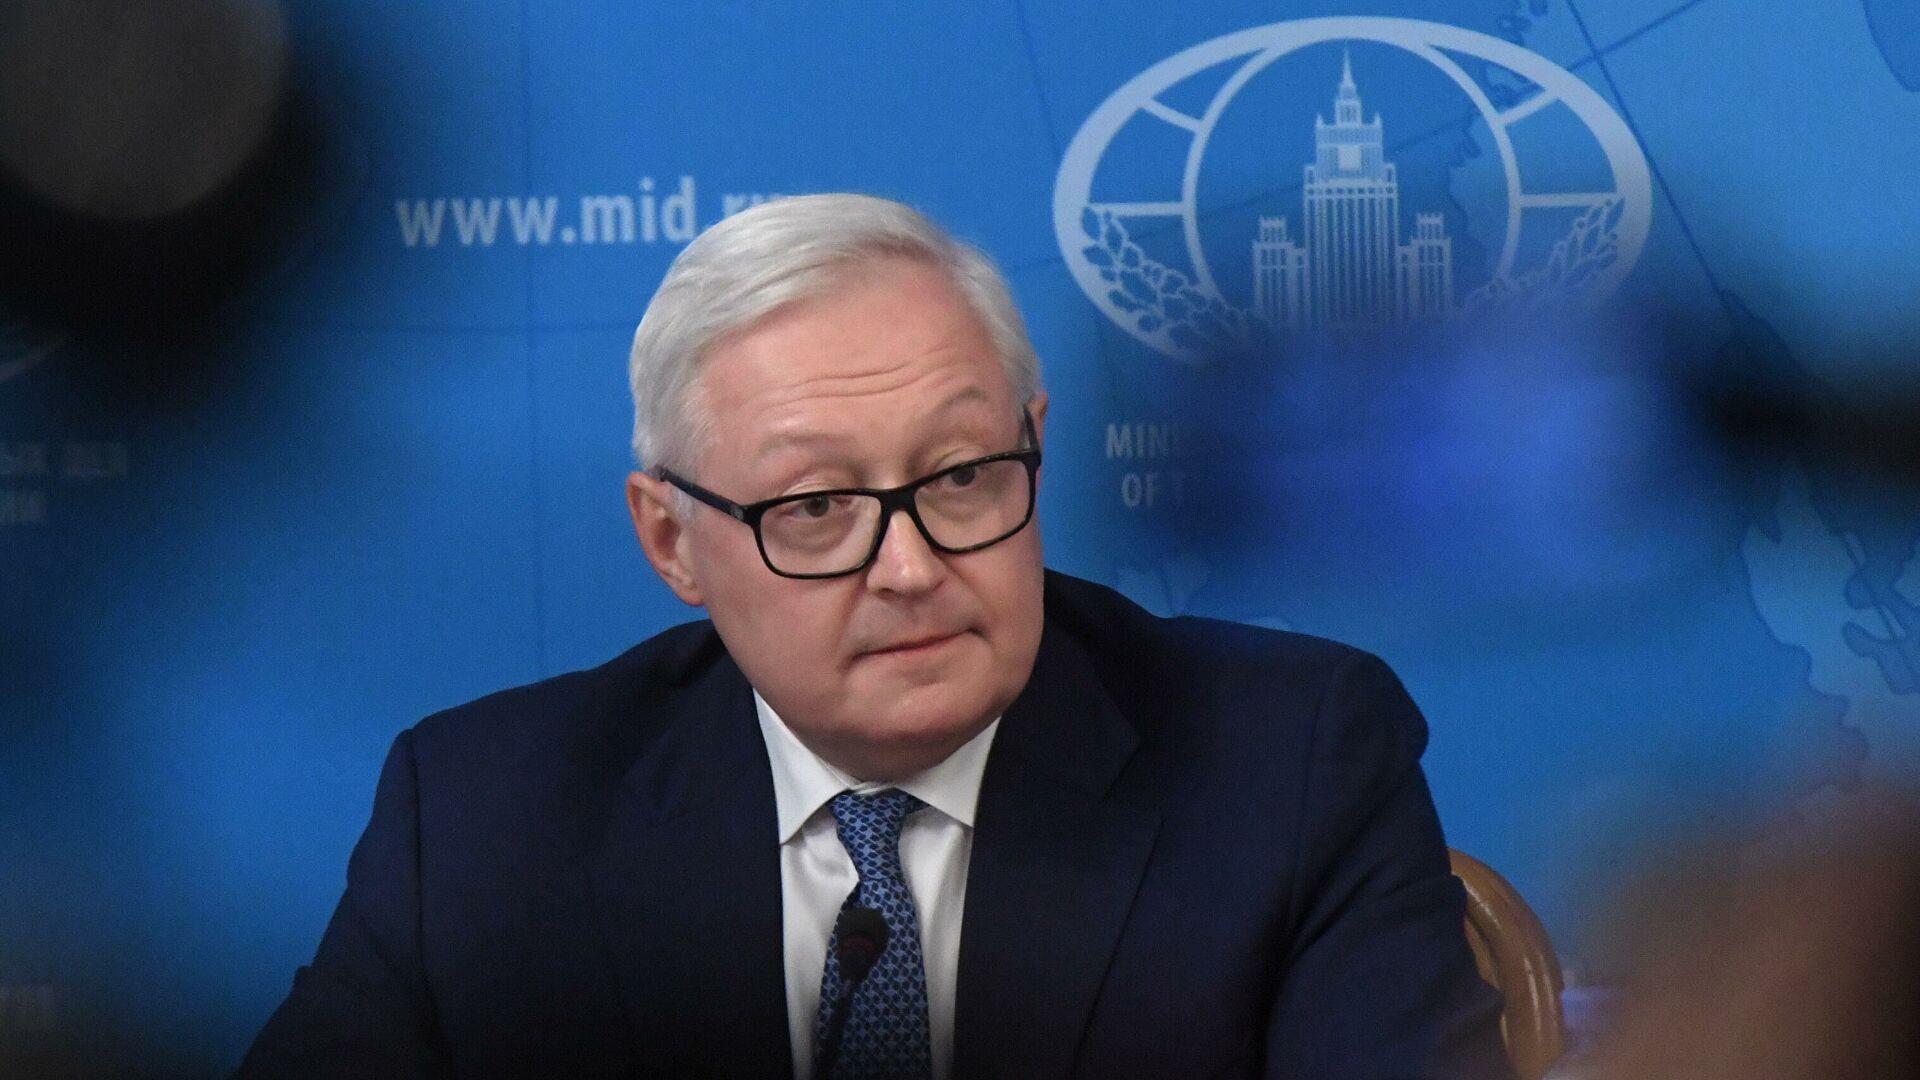 Рјабков: Одлука САД-а да се не врате Уговору о отвореном небу погоршава позадину предстојећег самита Путина и Бајдена